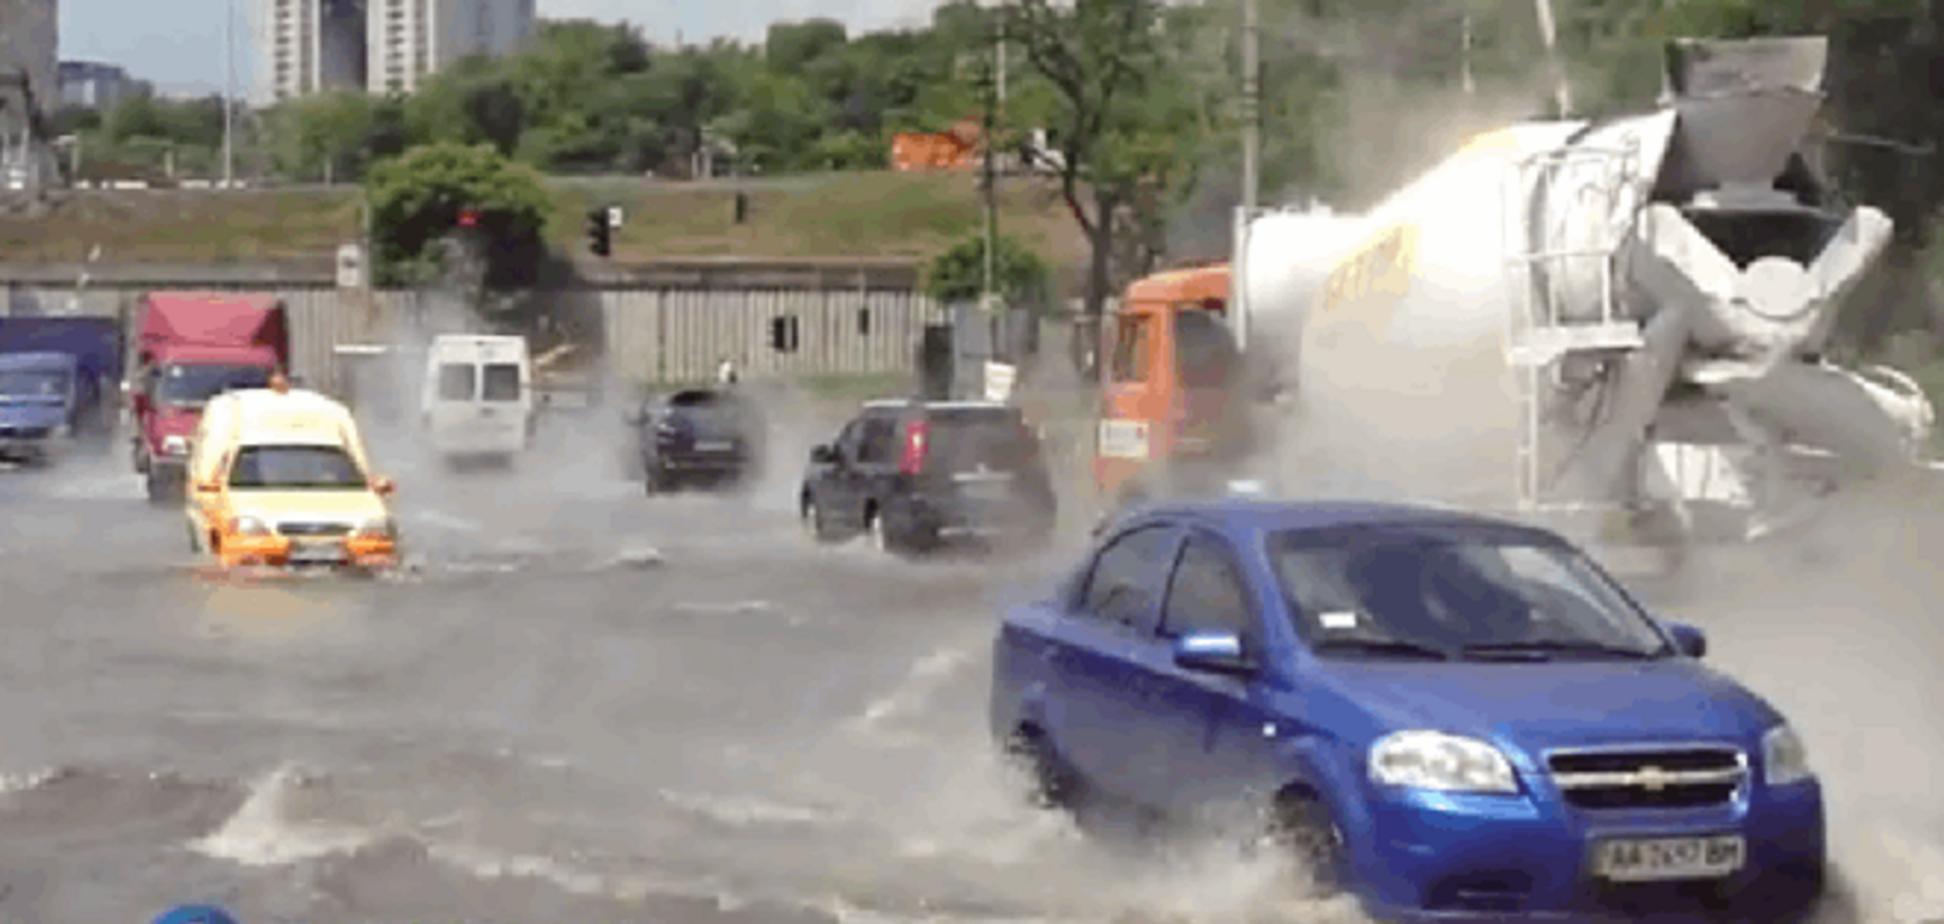 В Киеве дорогу возле метро залило кипятком: опубликованы фото и видео